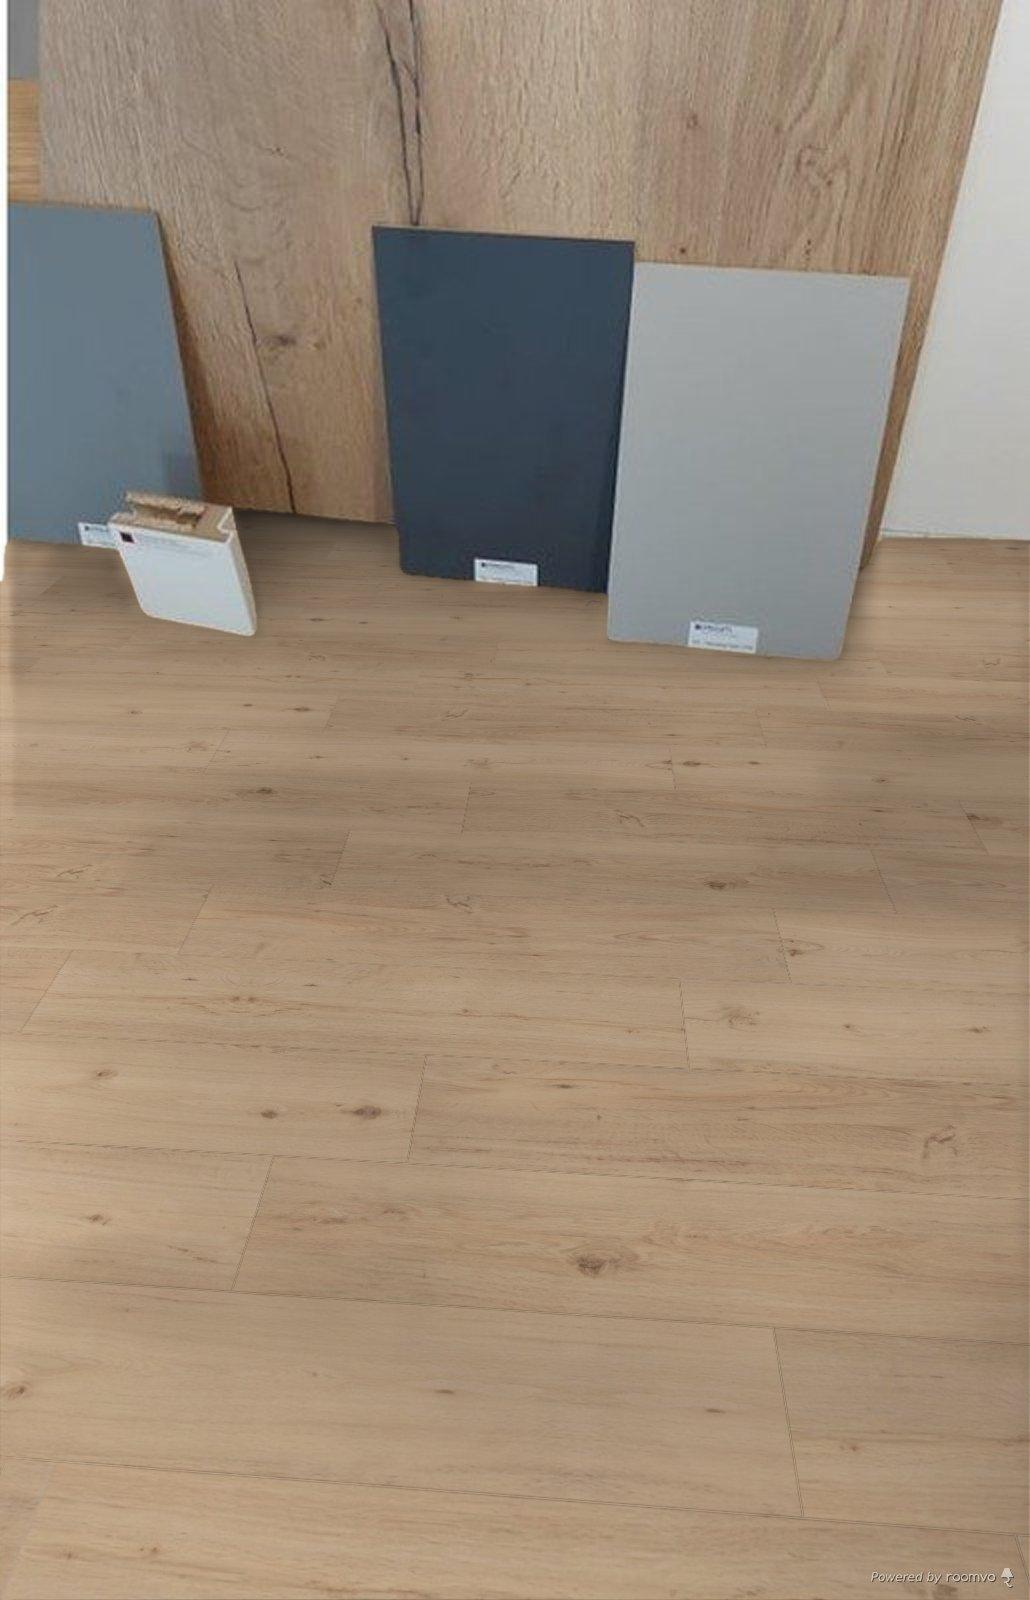 Co vyberem za dvere? - s nasi podlahou